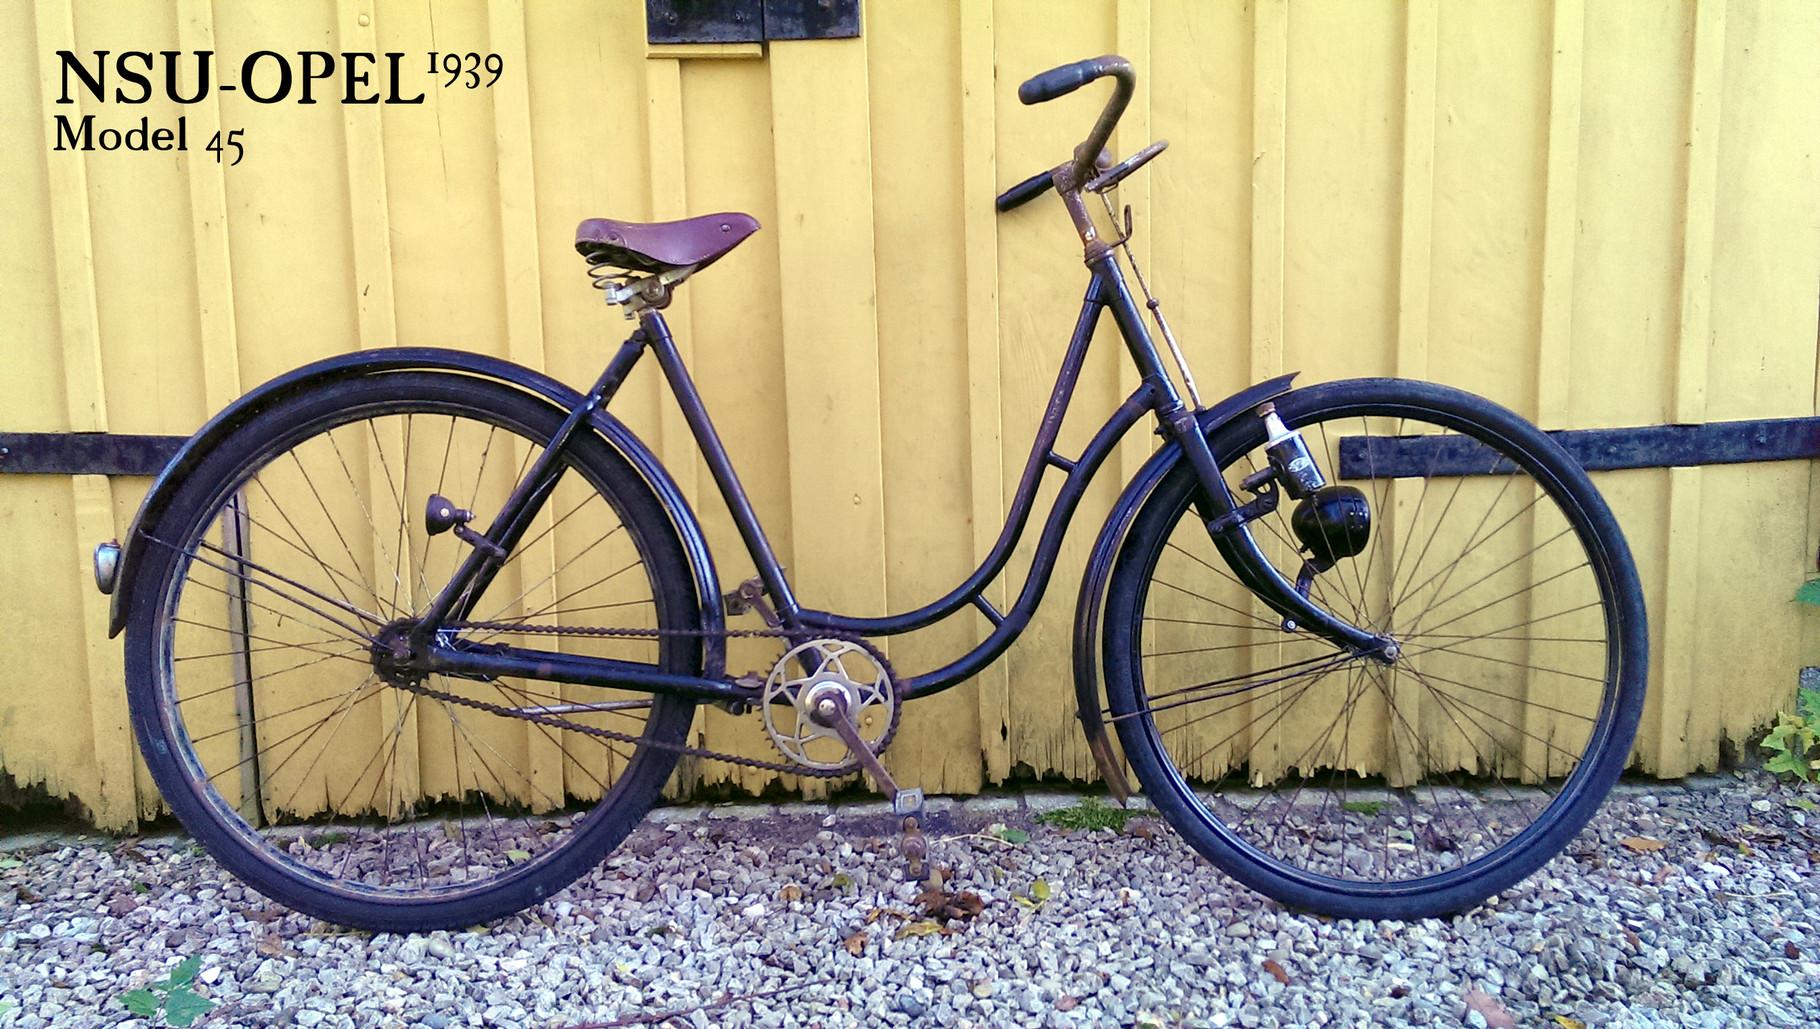 weltrad oldtimer fahrrad welt rad mondo bici. Black Bedroom Furniture Sets. Home Design Ideas